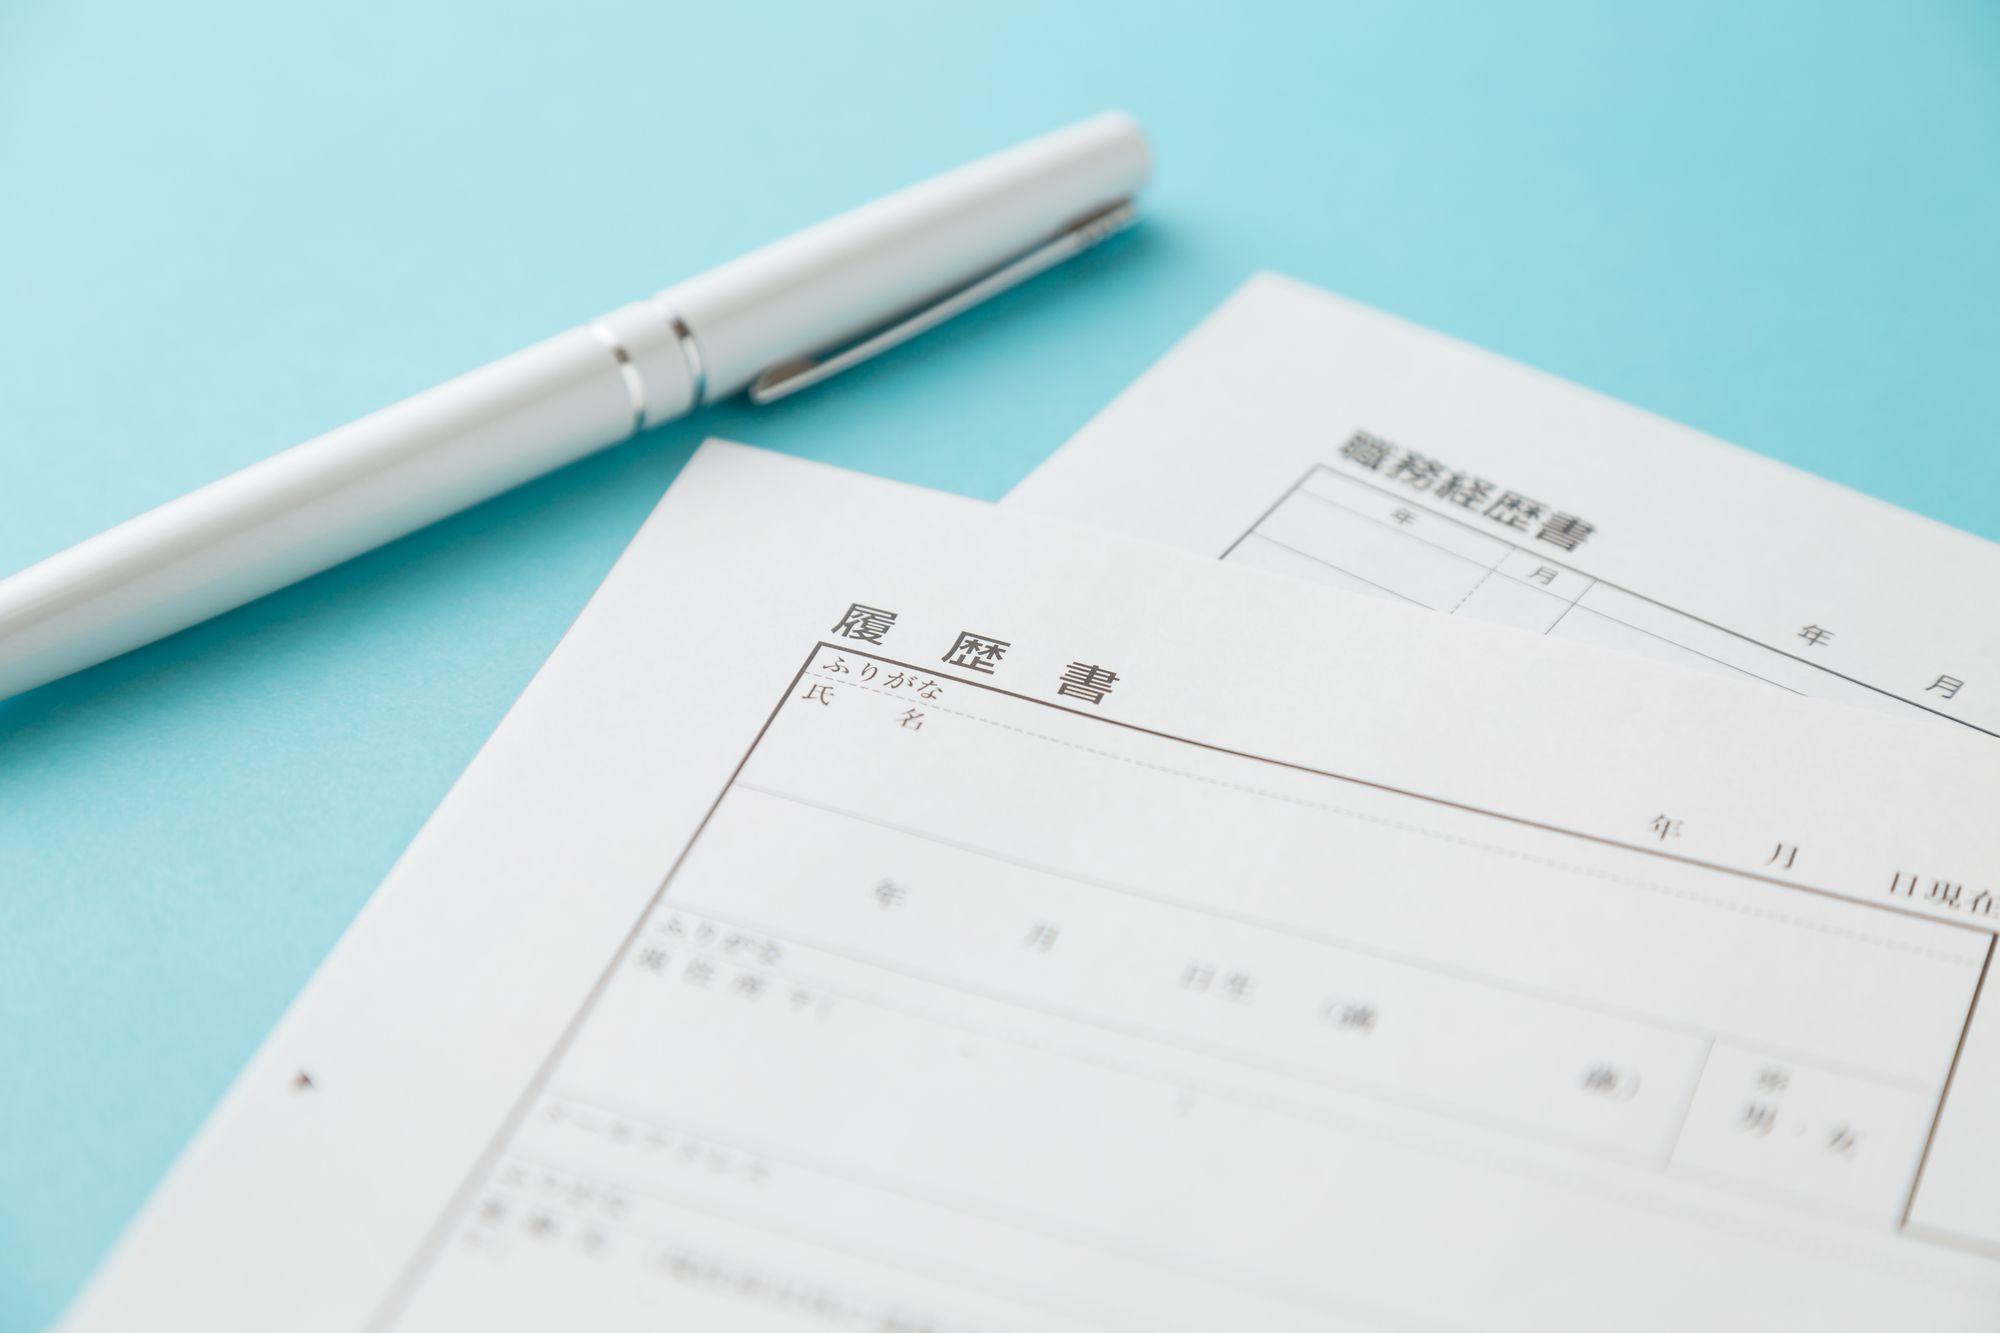 建築設計業の転職エージェントで最初に用意しておく書類はある?